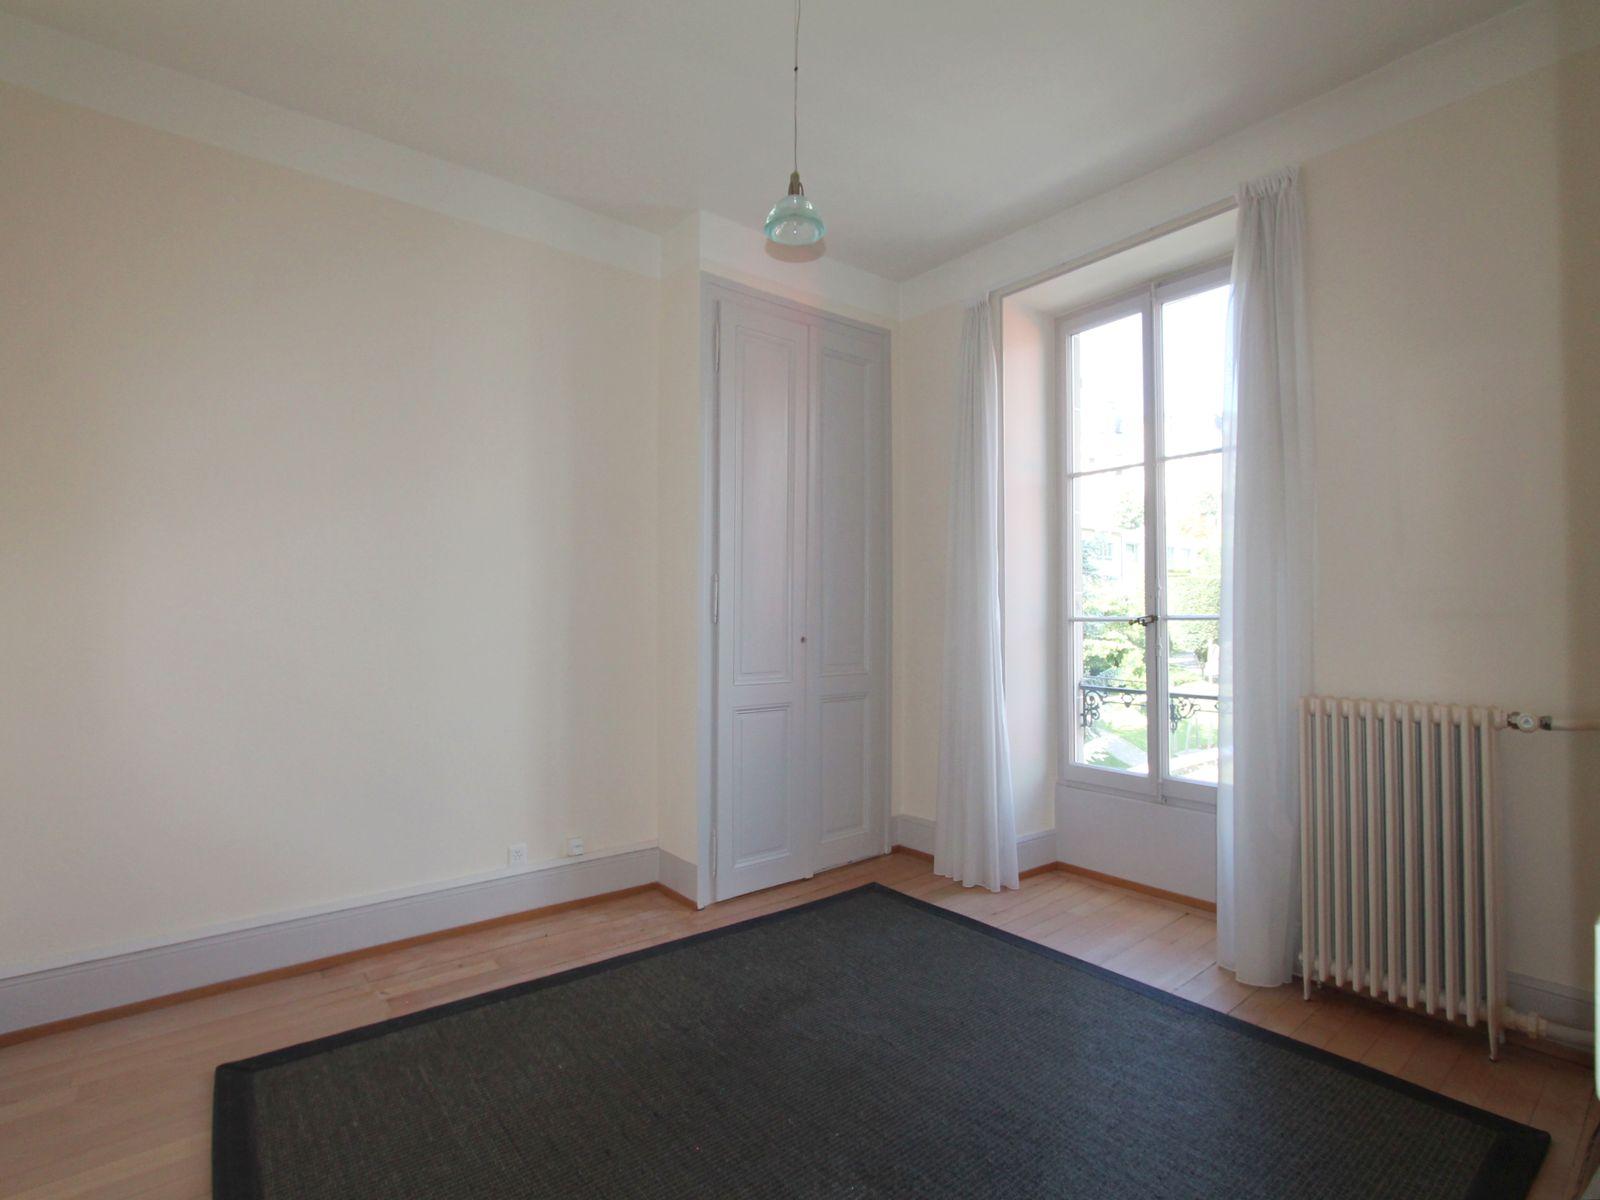 Chambre Nord avec armoire et parquet